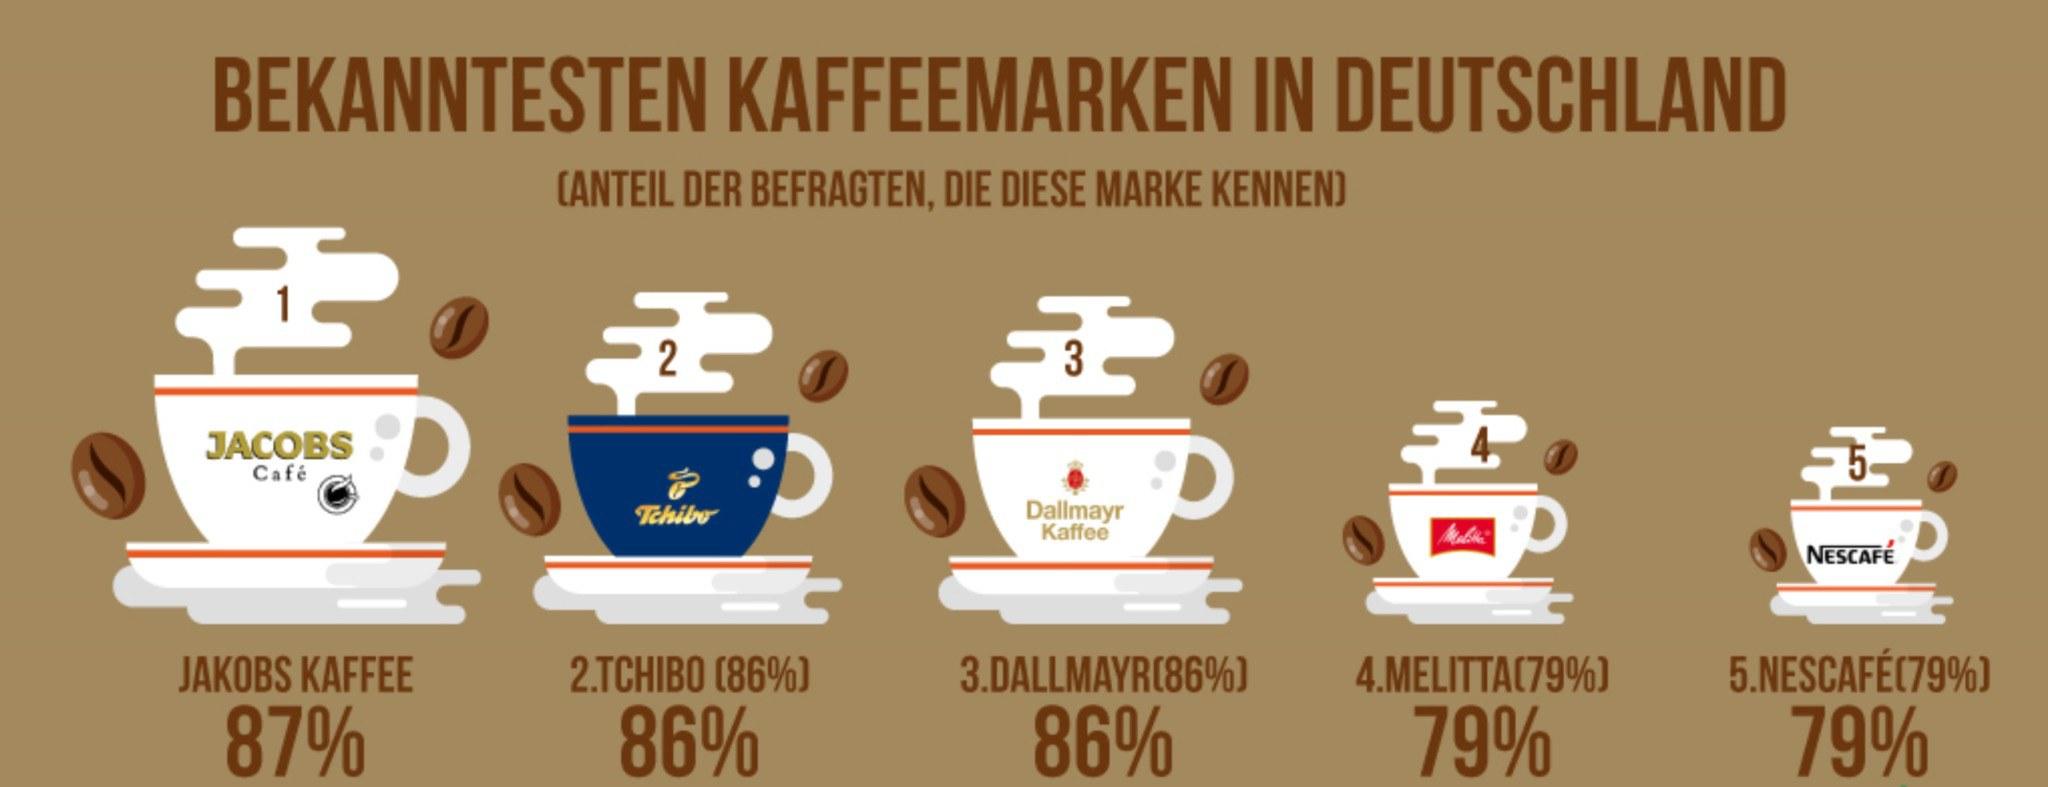 Tag des Kaffees 1 - Der Tag des Kaffees